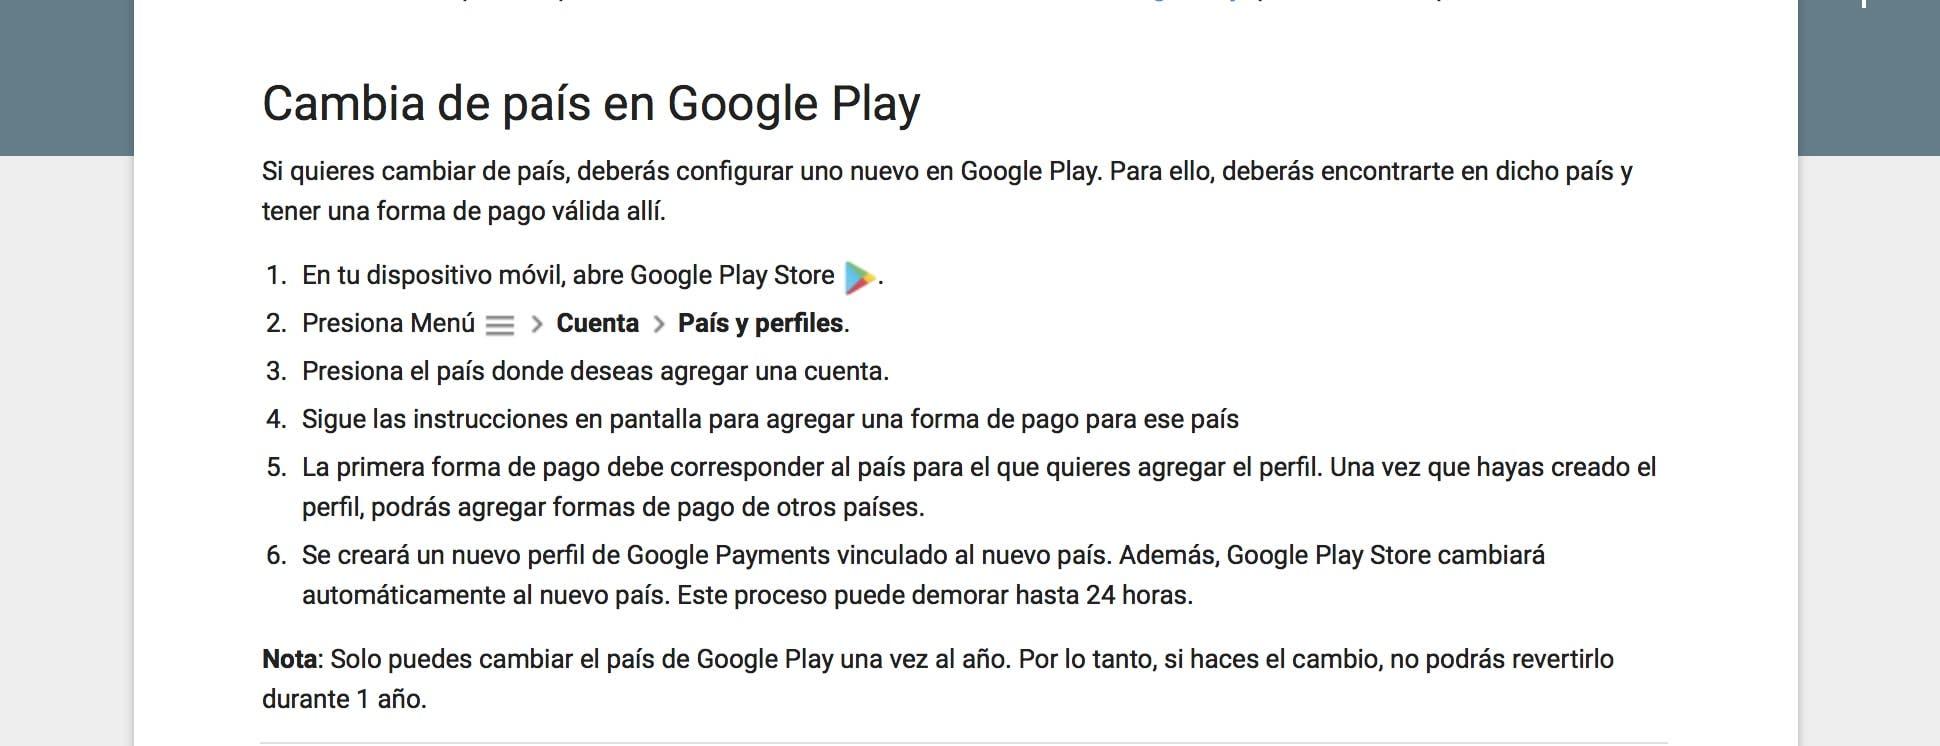 cambiar pais en google play